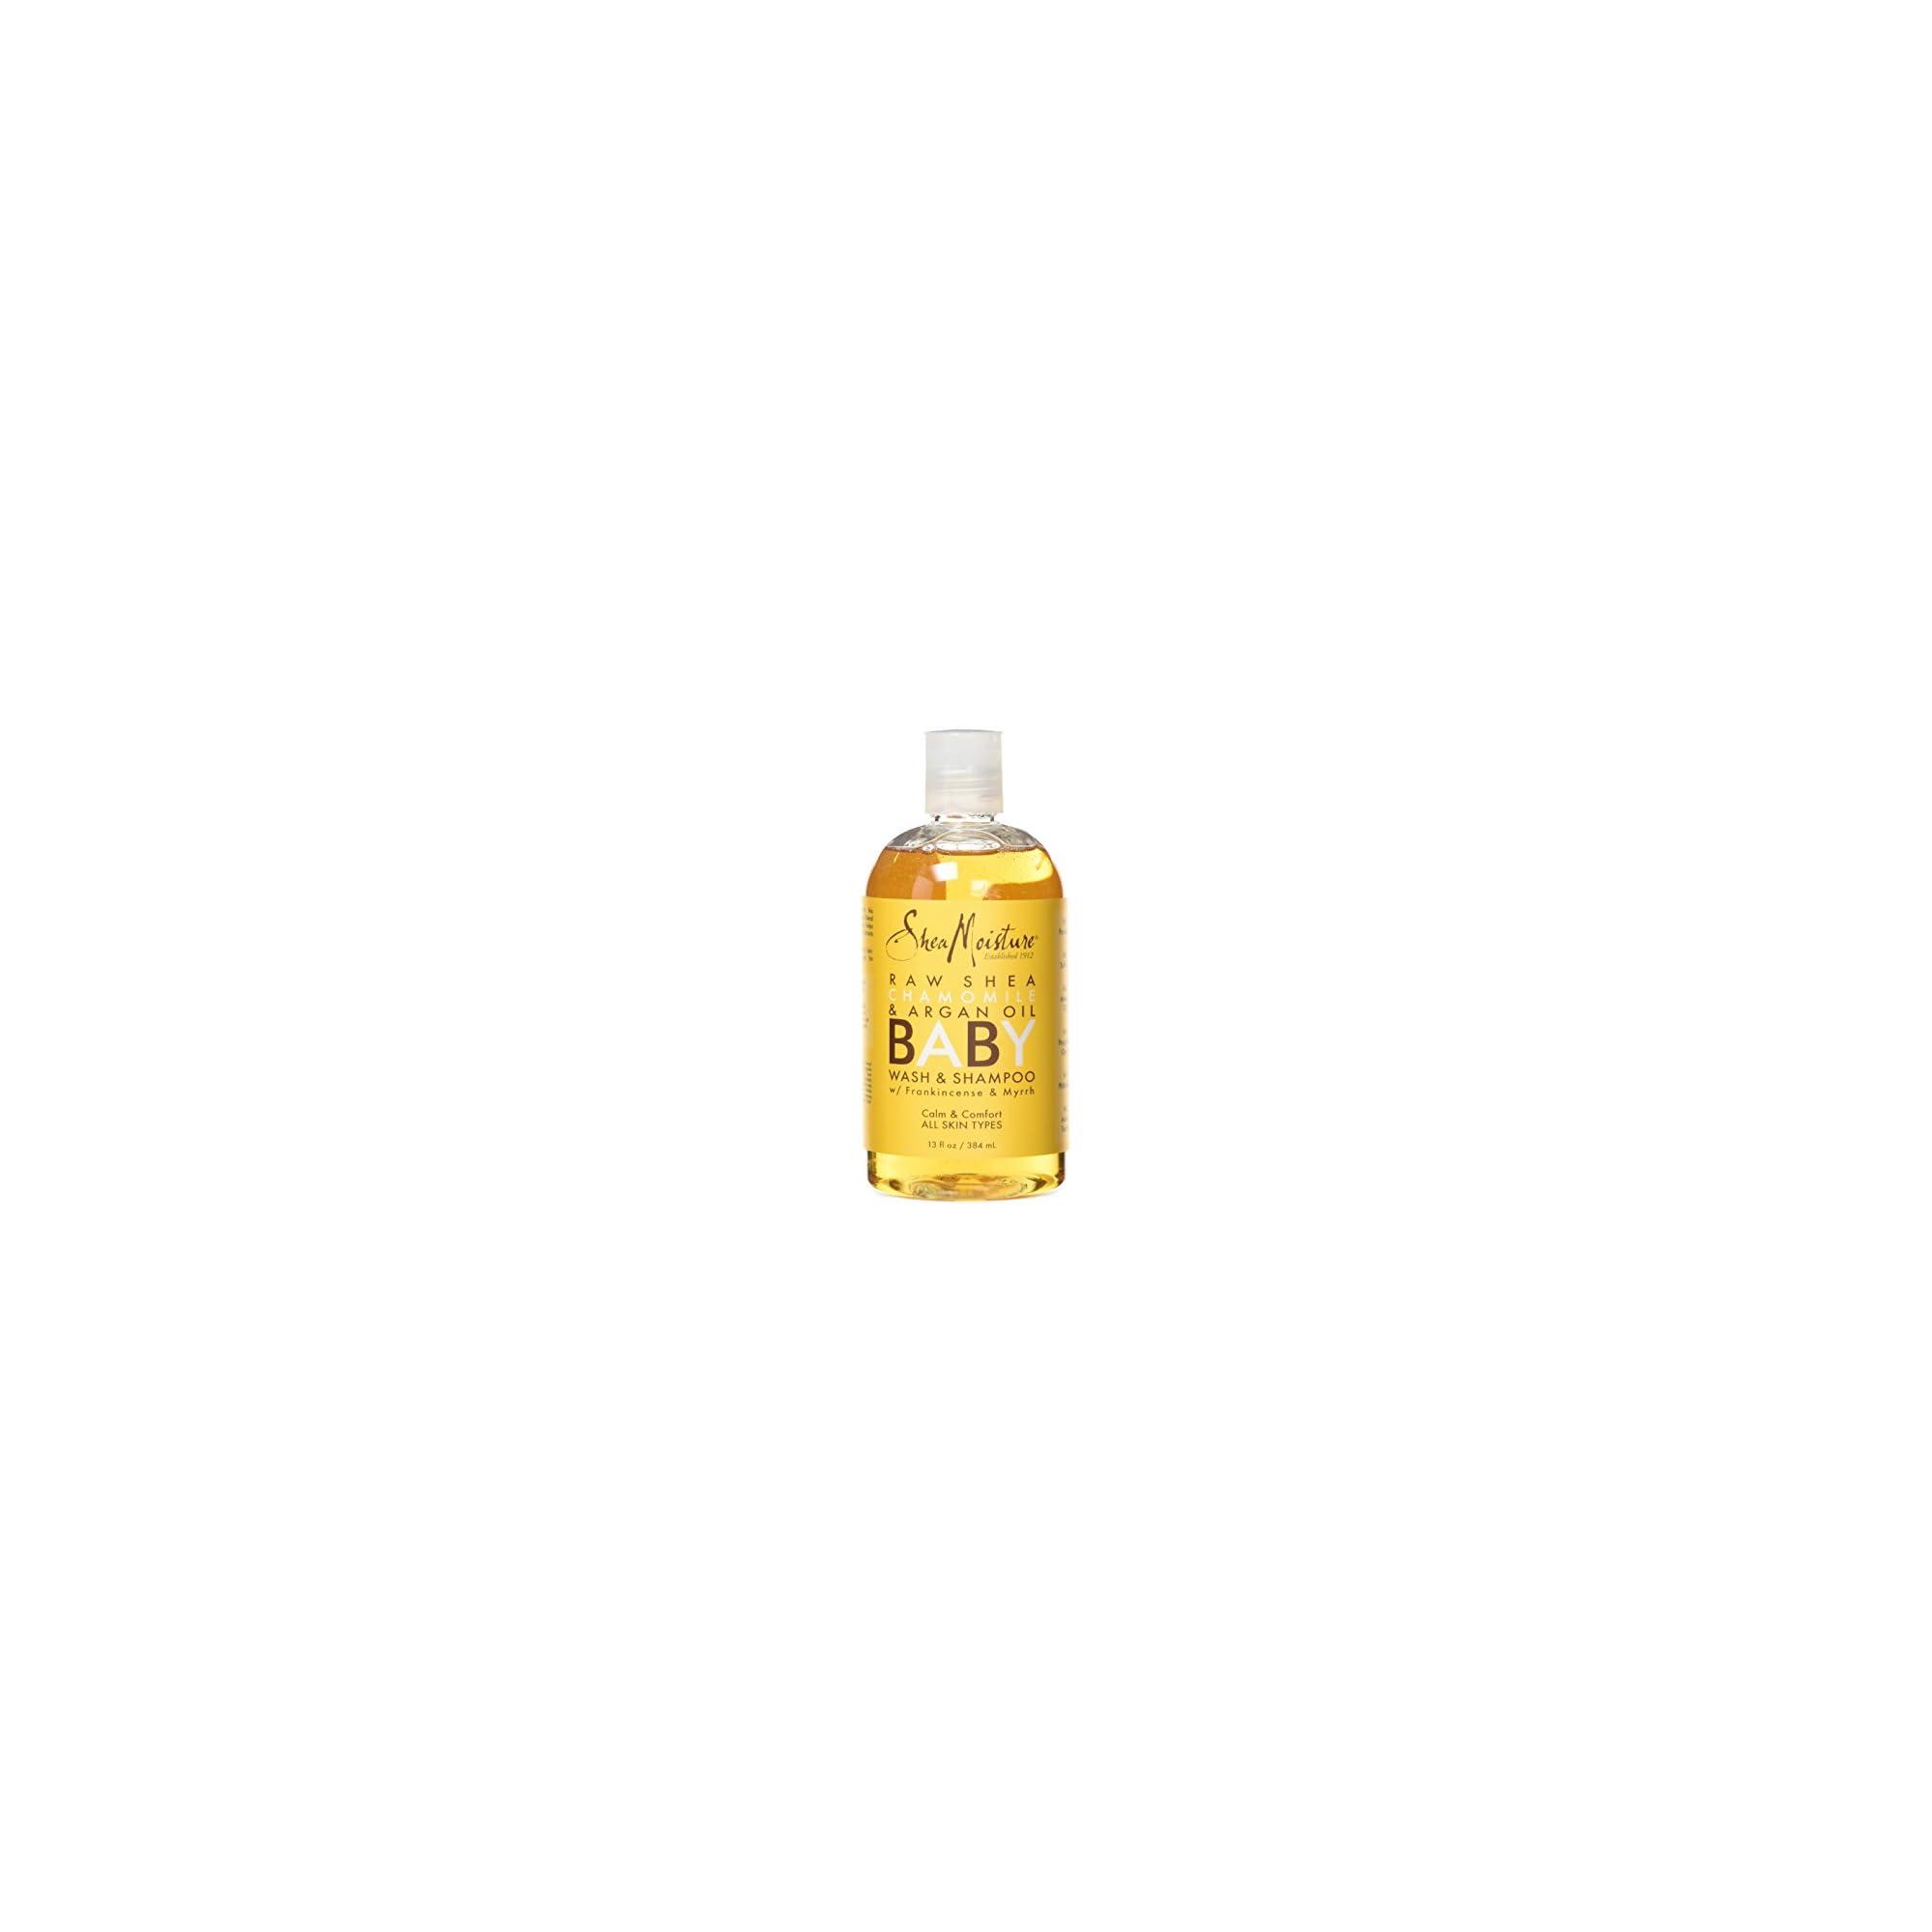 Shea Moisture Raw Shea Butter Chamomile & Argan Oil Baby Head-to-Toe Wash & Shampoo – 13 oz